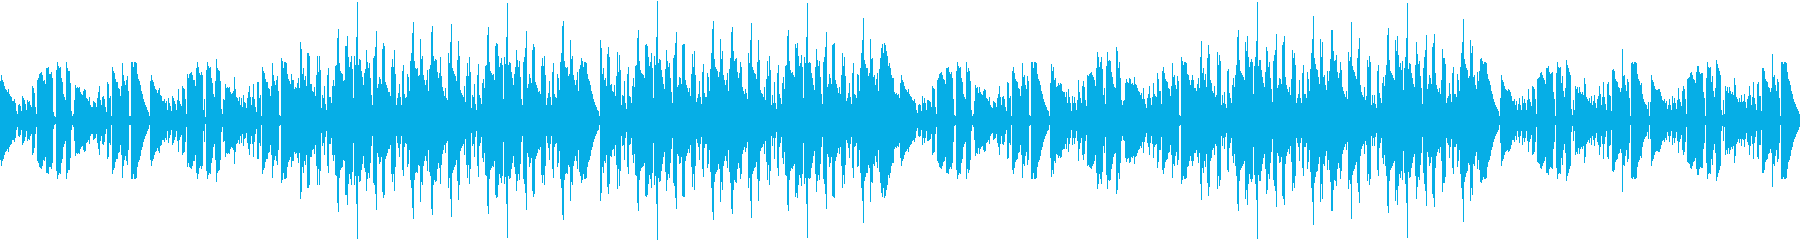 ループ可★都会の夜のセンチメンタルBGMの再生済みの波形